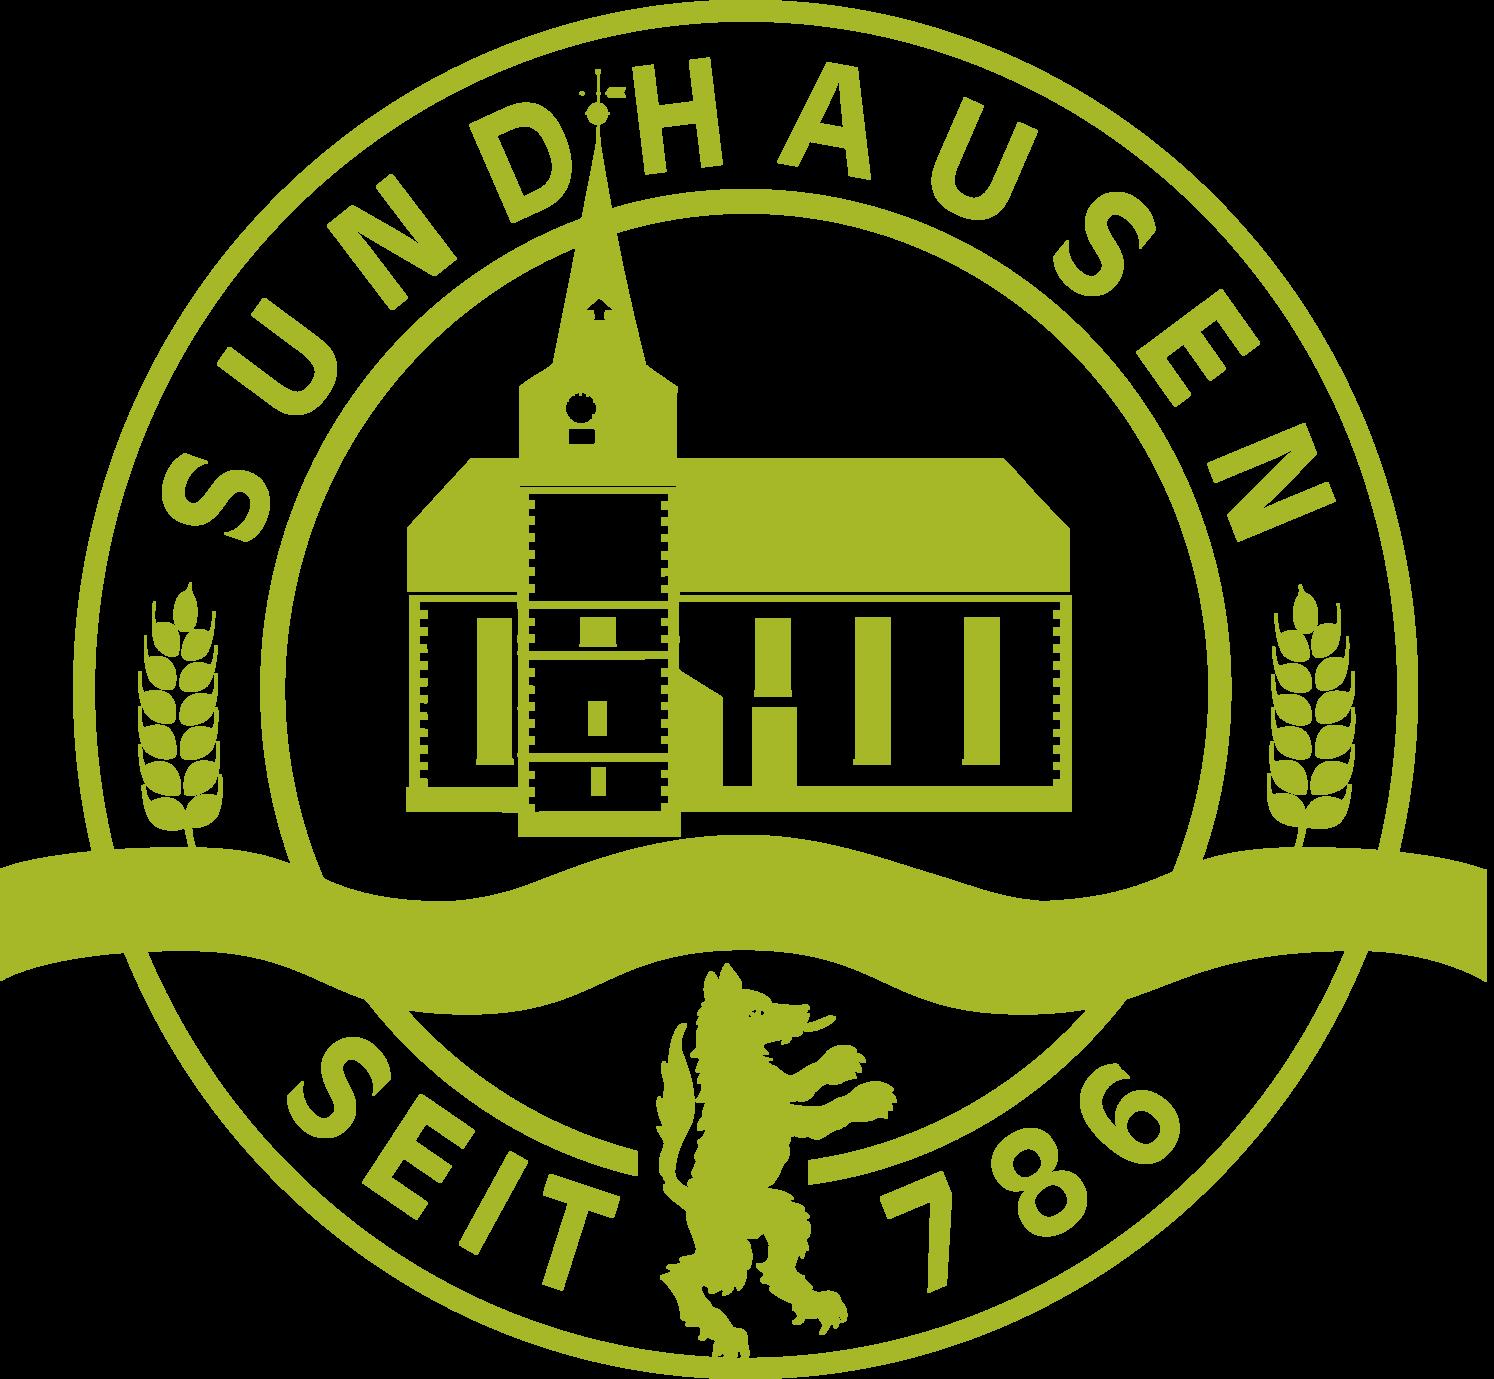 Sundhausen